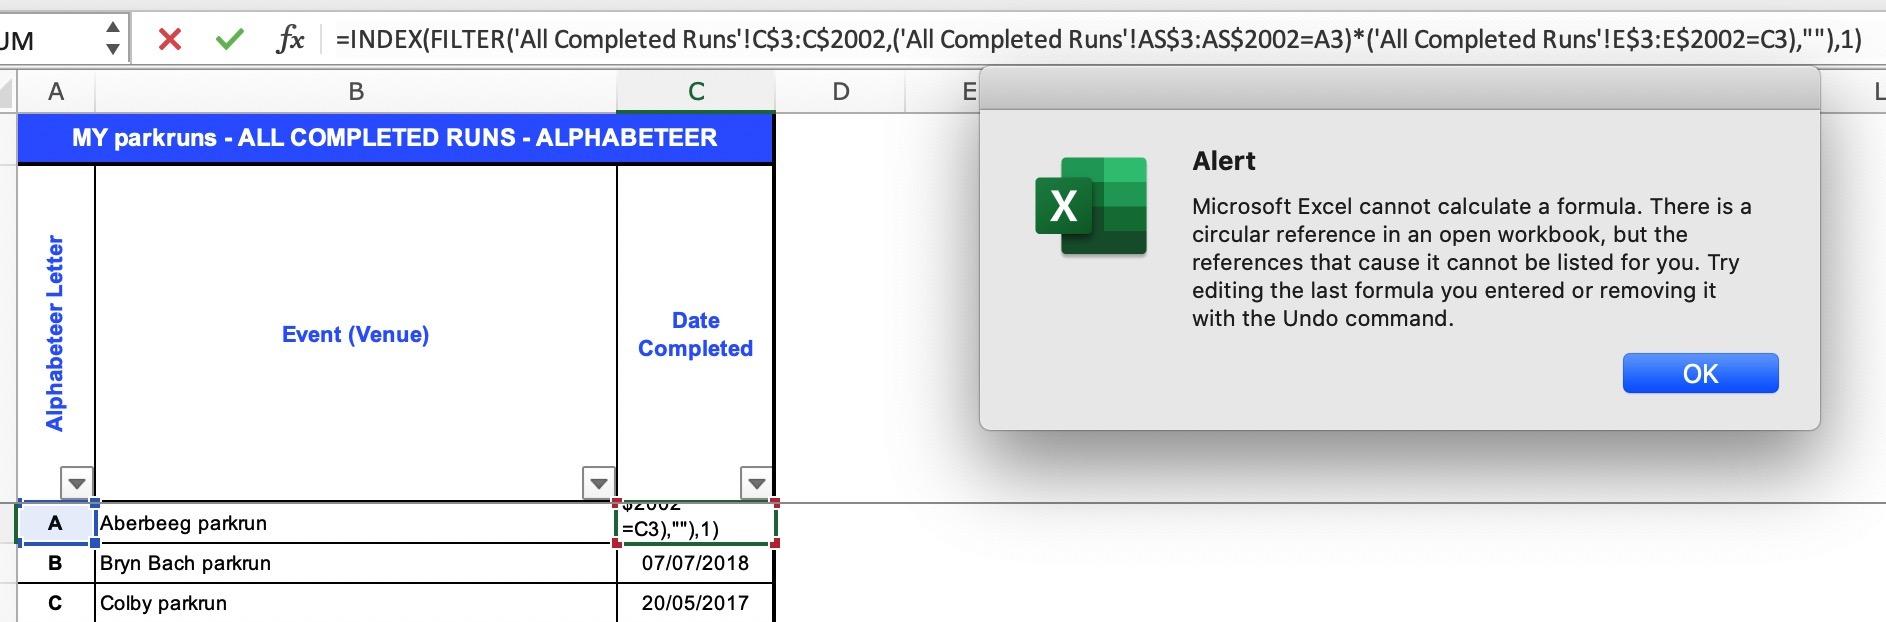 Screenshot 2020-04-20 at 14.20.32.jpg